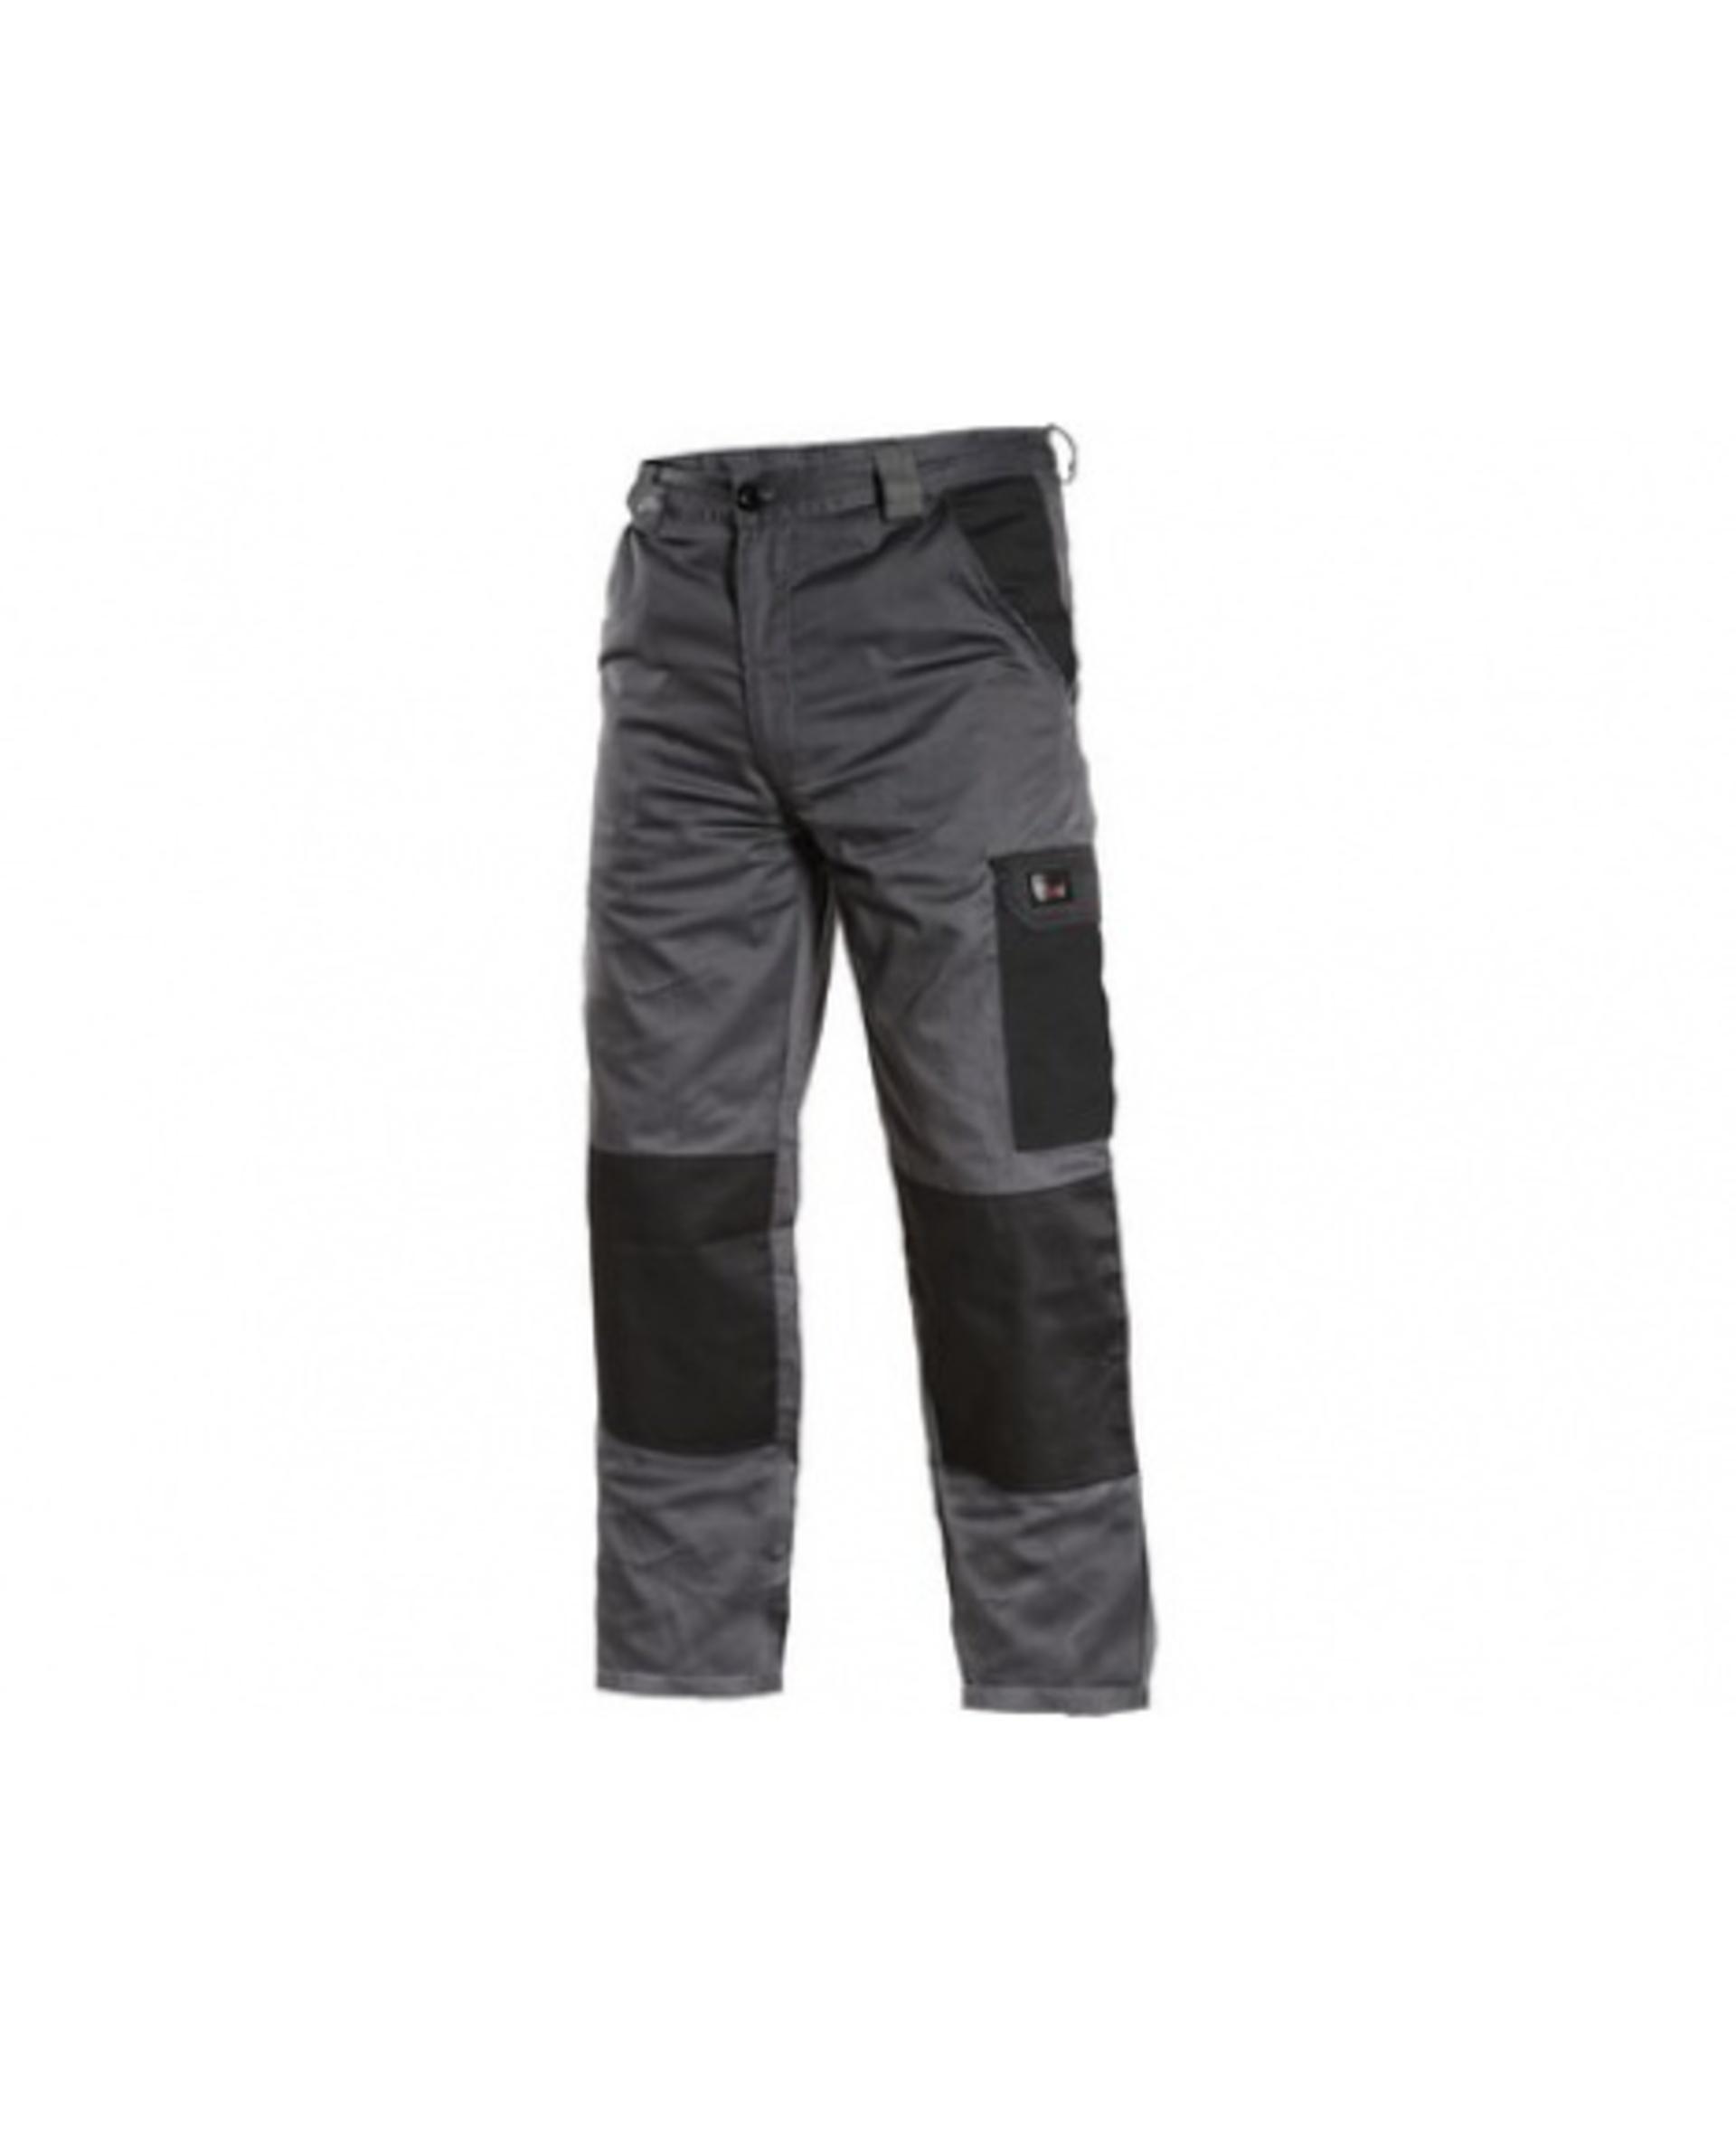 CXS PHOENIX CEFEUS pánské Kalhoty pracovní do pasu šedá/černá 54